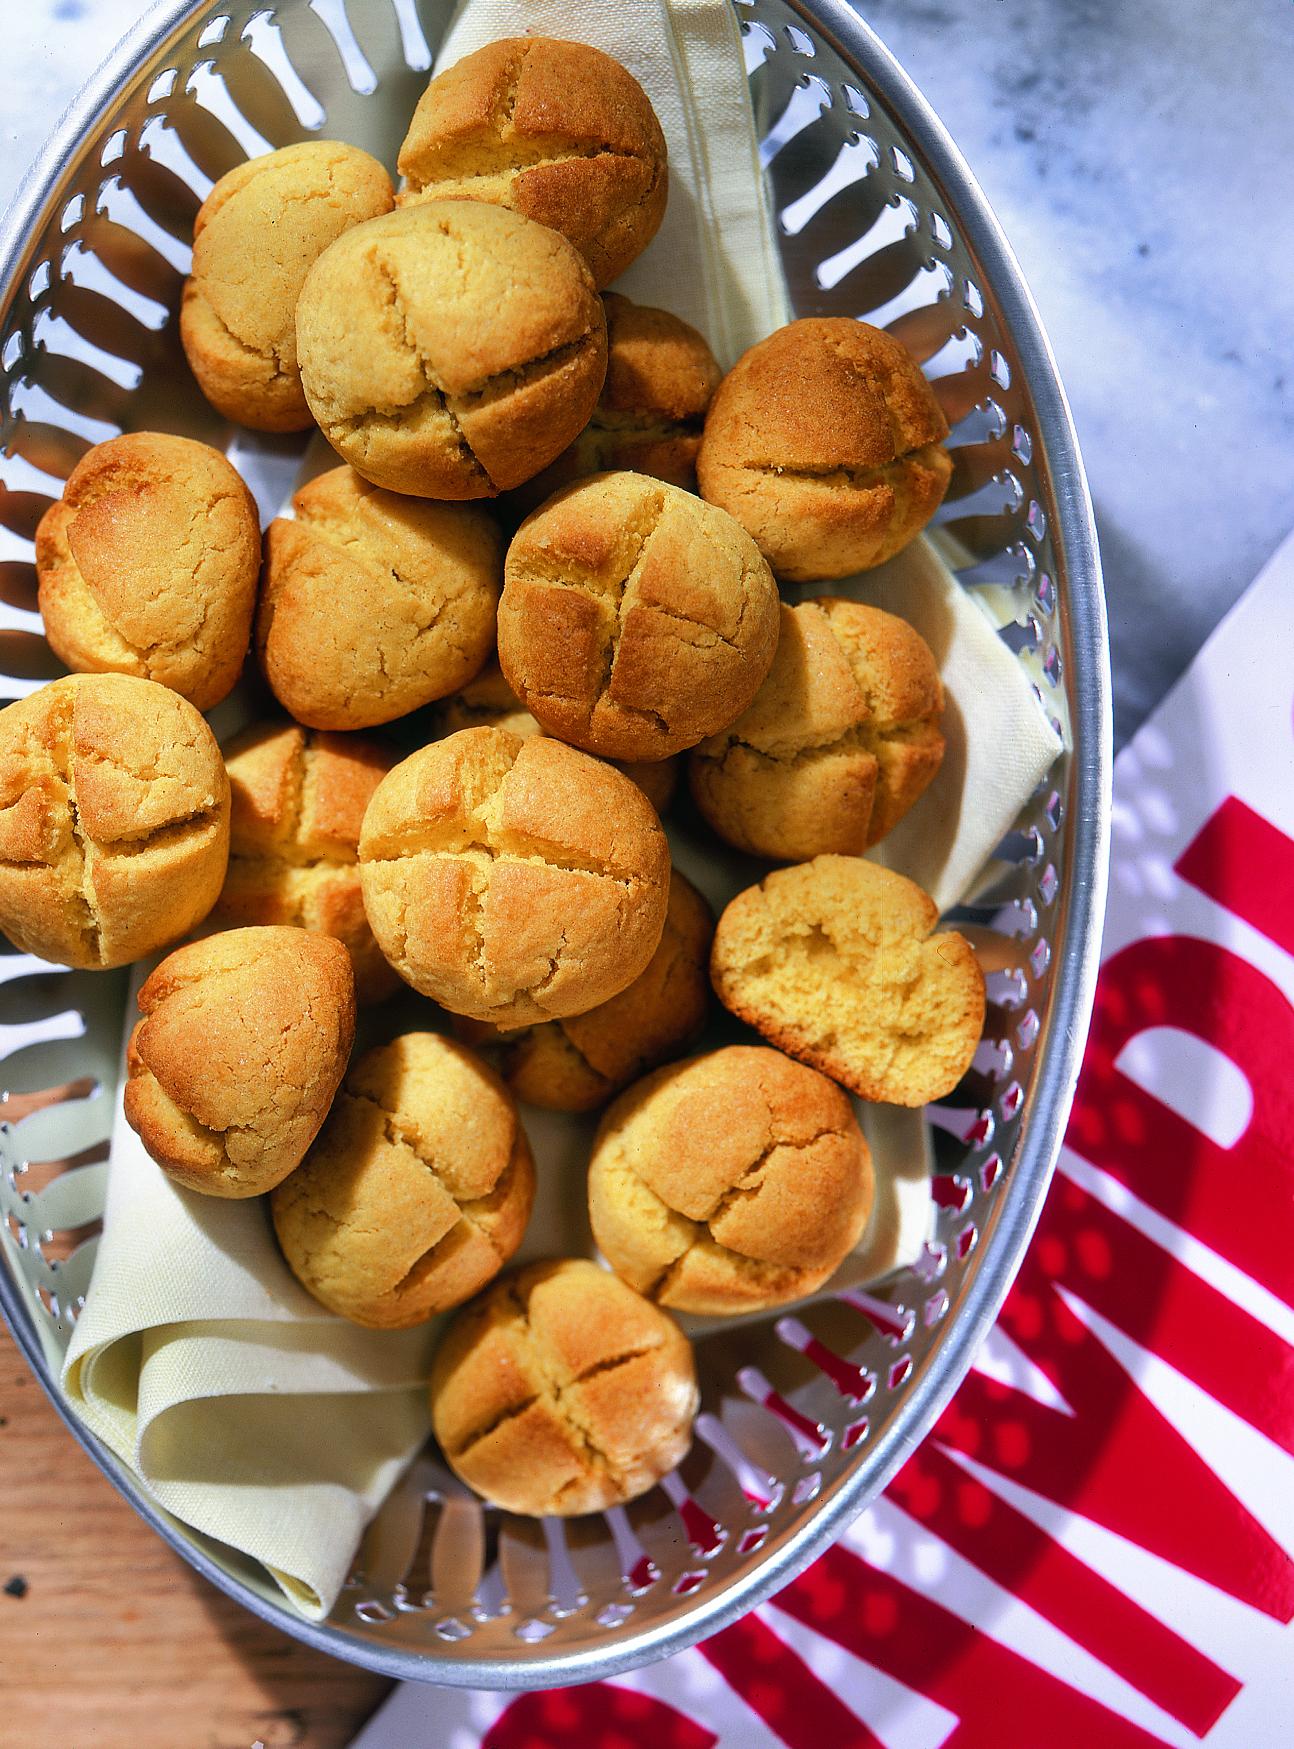 Biscuits pan de mei